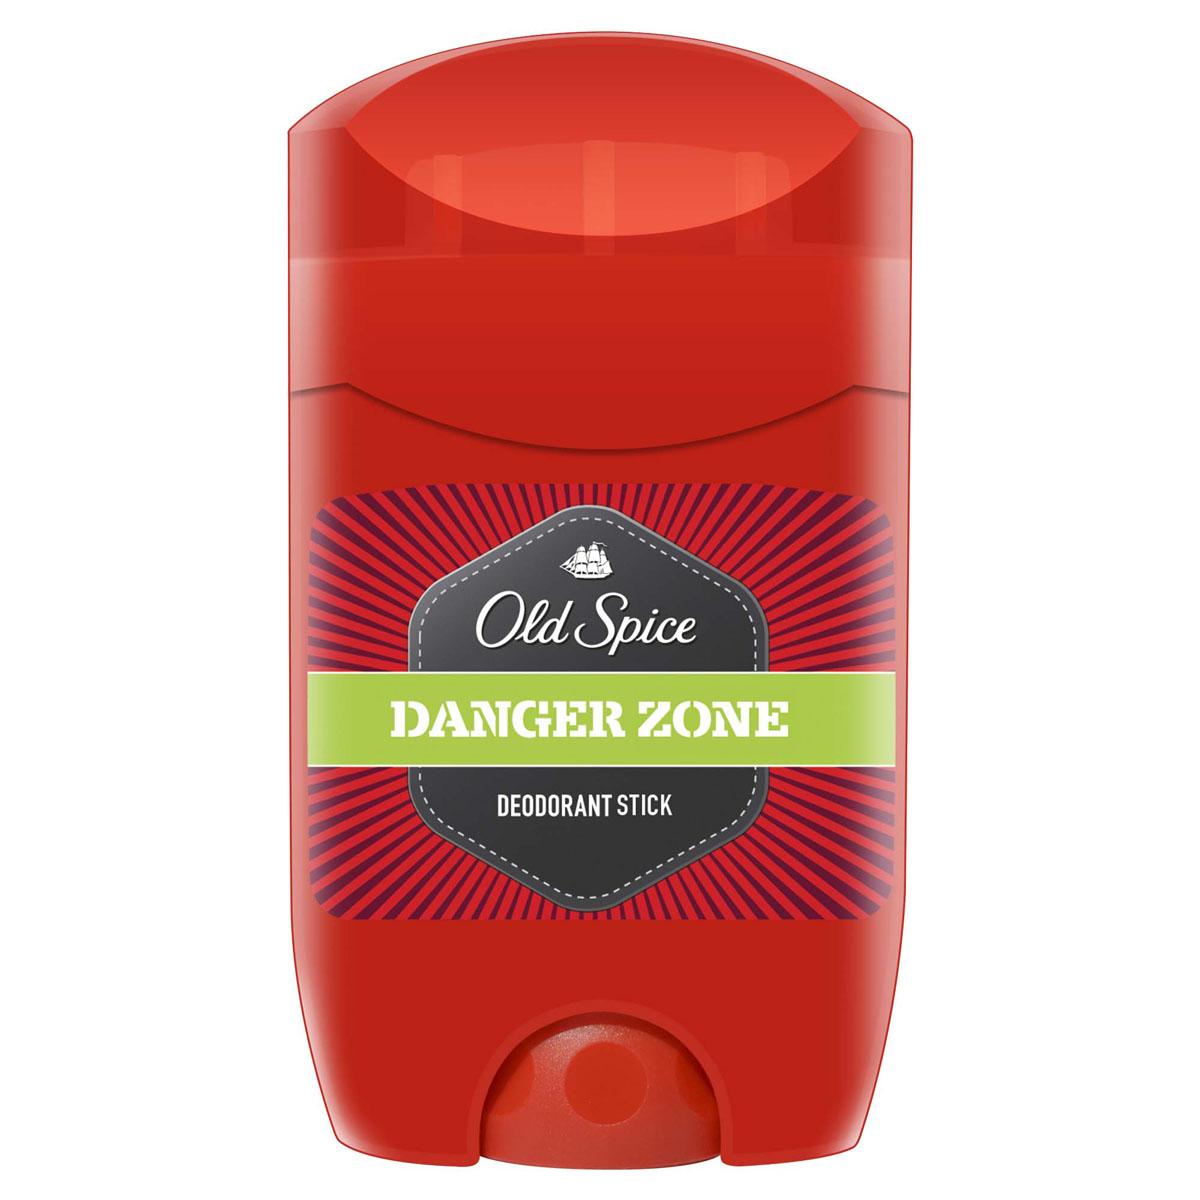 Old Spice Дезодорант-стик Danger Zone, 50 млOS-81321212Дезодорант Old Spice Danger Zone с дурманящим запахом заставит вас чувствовать себя смелее Робин Гуда на соревнованиях по стрельбе из лука. Великолепный аромат и надежная защита. Характеристики: Объем: 50 мл. Производитель: Великобриания. Артикул: 99692950. Товар сертифицирован.